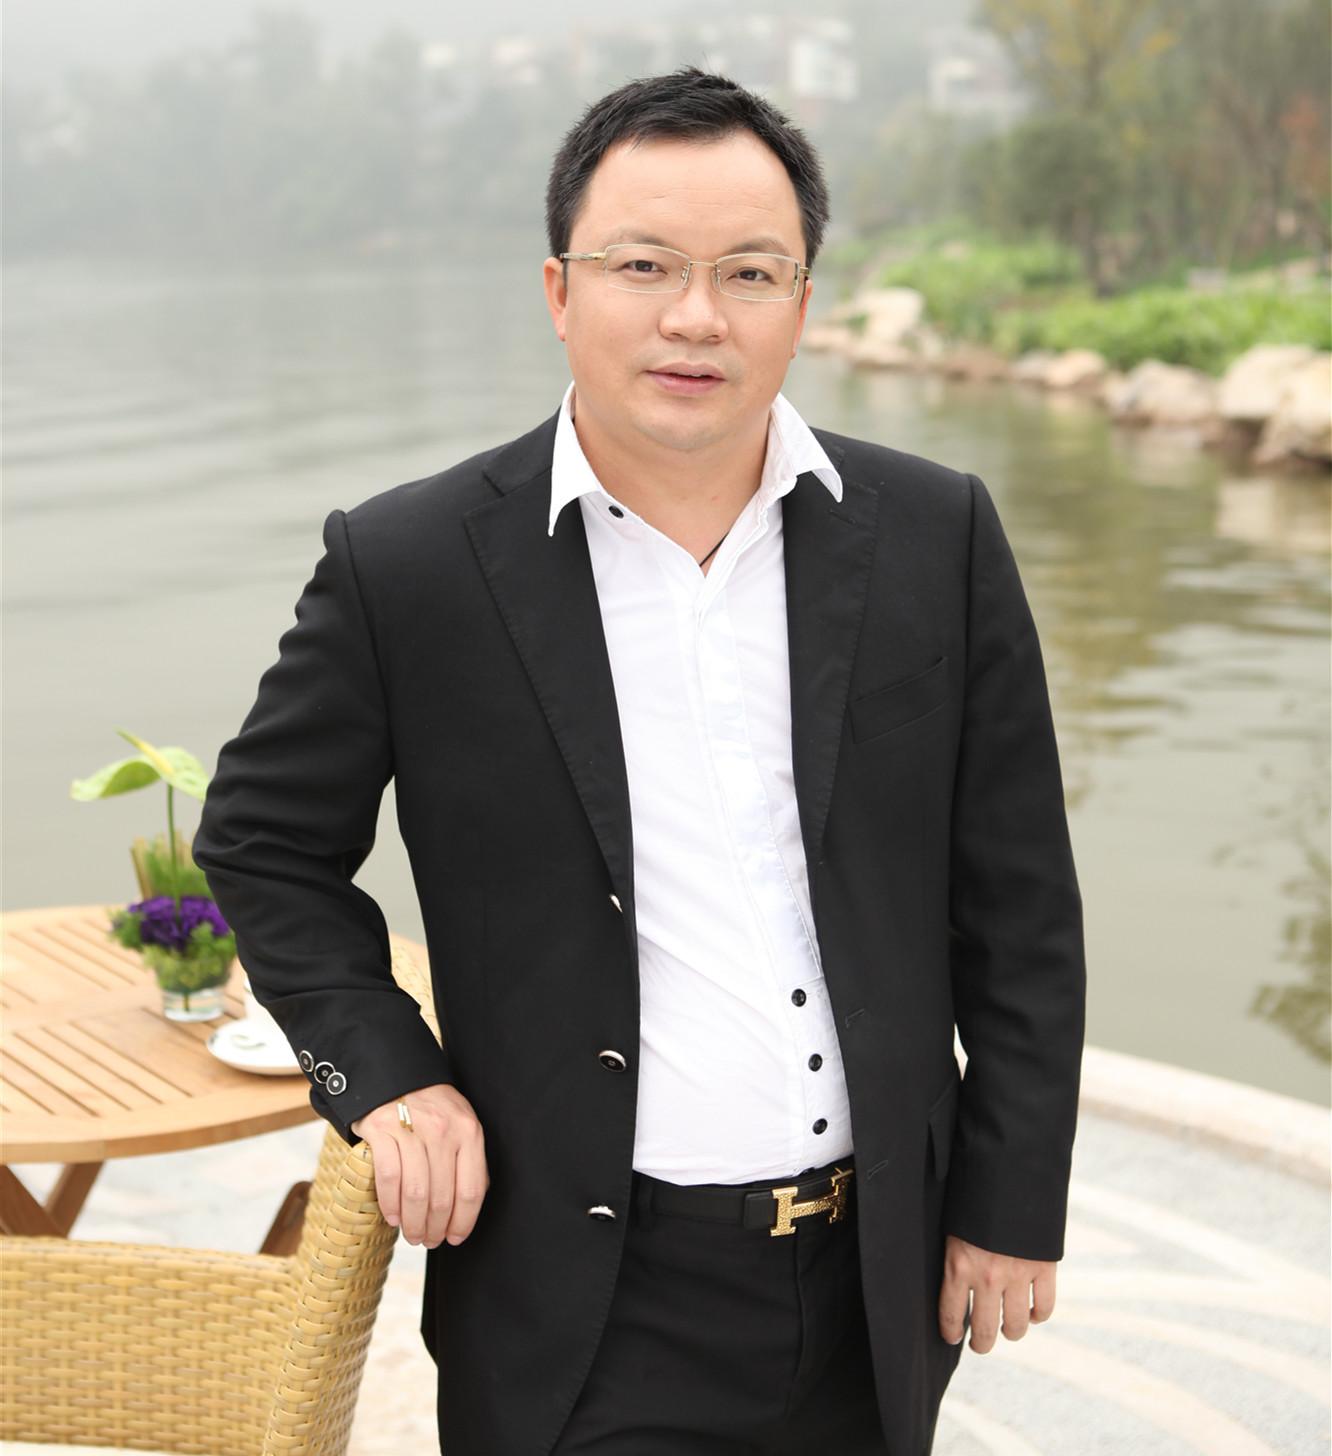 https://saas-chengdu.oss-cn-chengdu.aliyuncs.com/uploads/20200806/c32c563d895f4ae55b4221205370b144.jpg